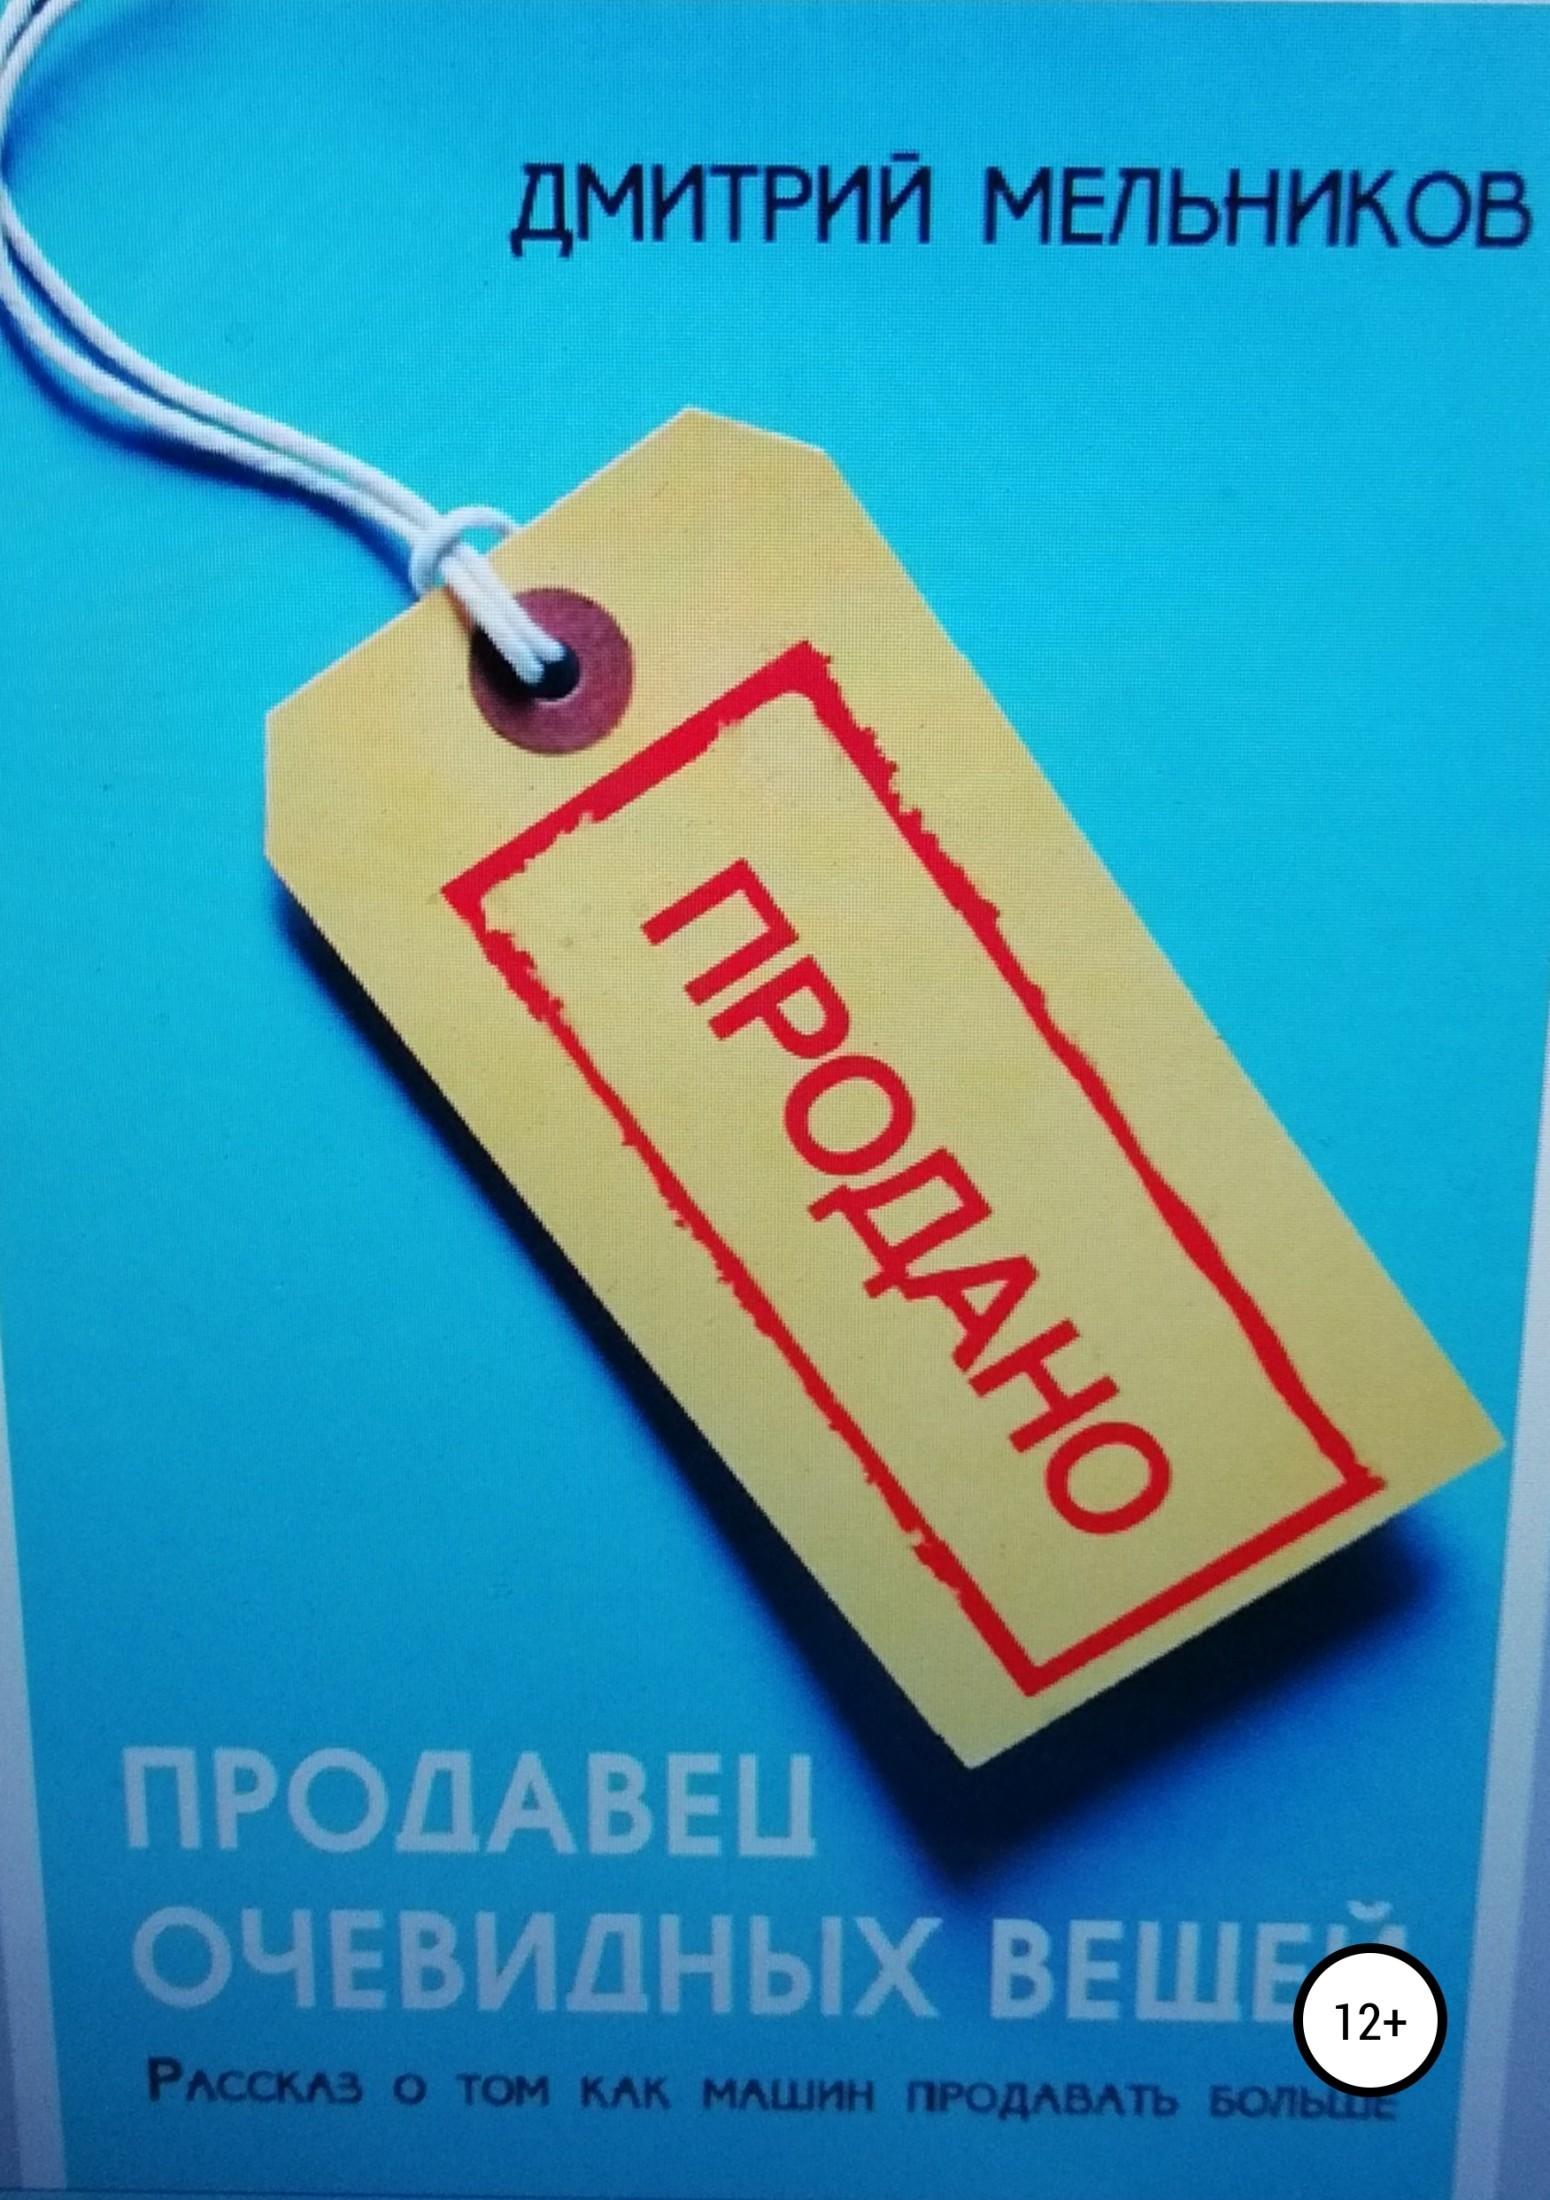 Купить книгу Продавец очевидных вещей. Рассказ о том, как машин продавать больше., автора Дмитрия Владимировича Мельникова